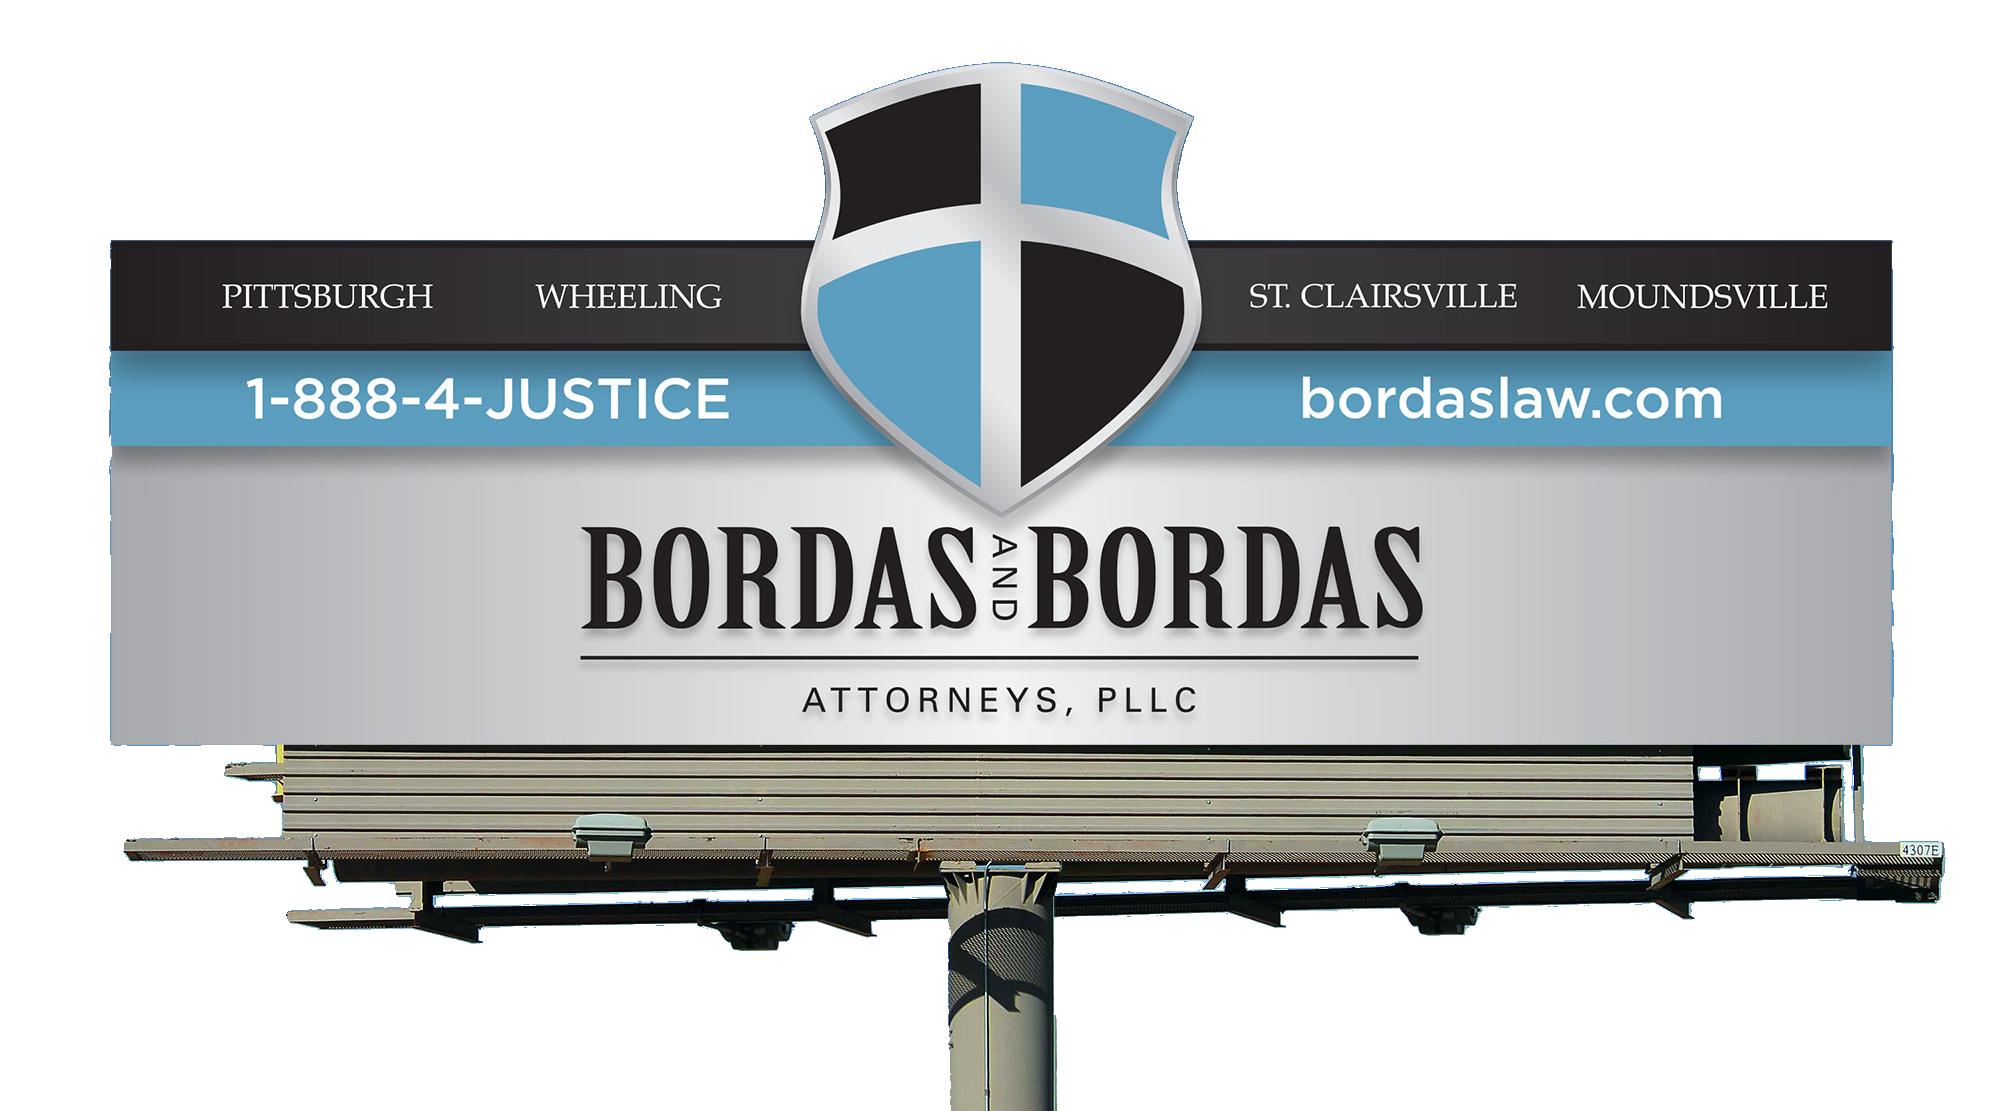 Bordas and Bordas Case Study